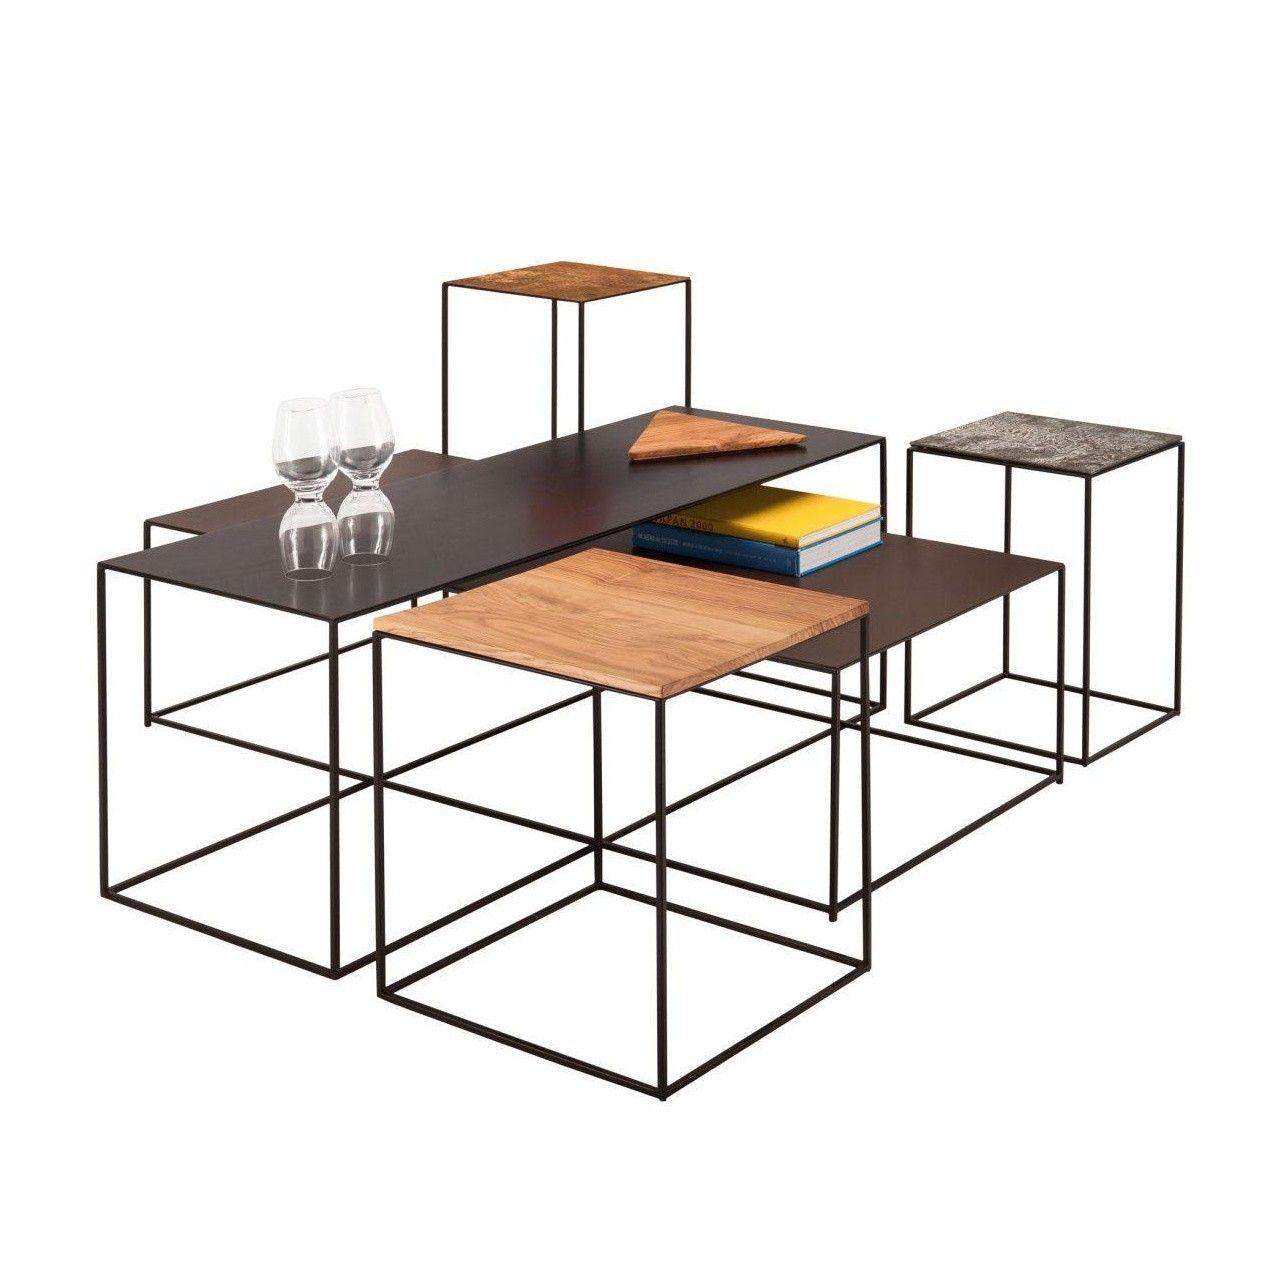 Slim Irony Beistelltisch 121x41x46cm In 2019 Wohnzimmer Tisch